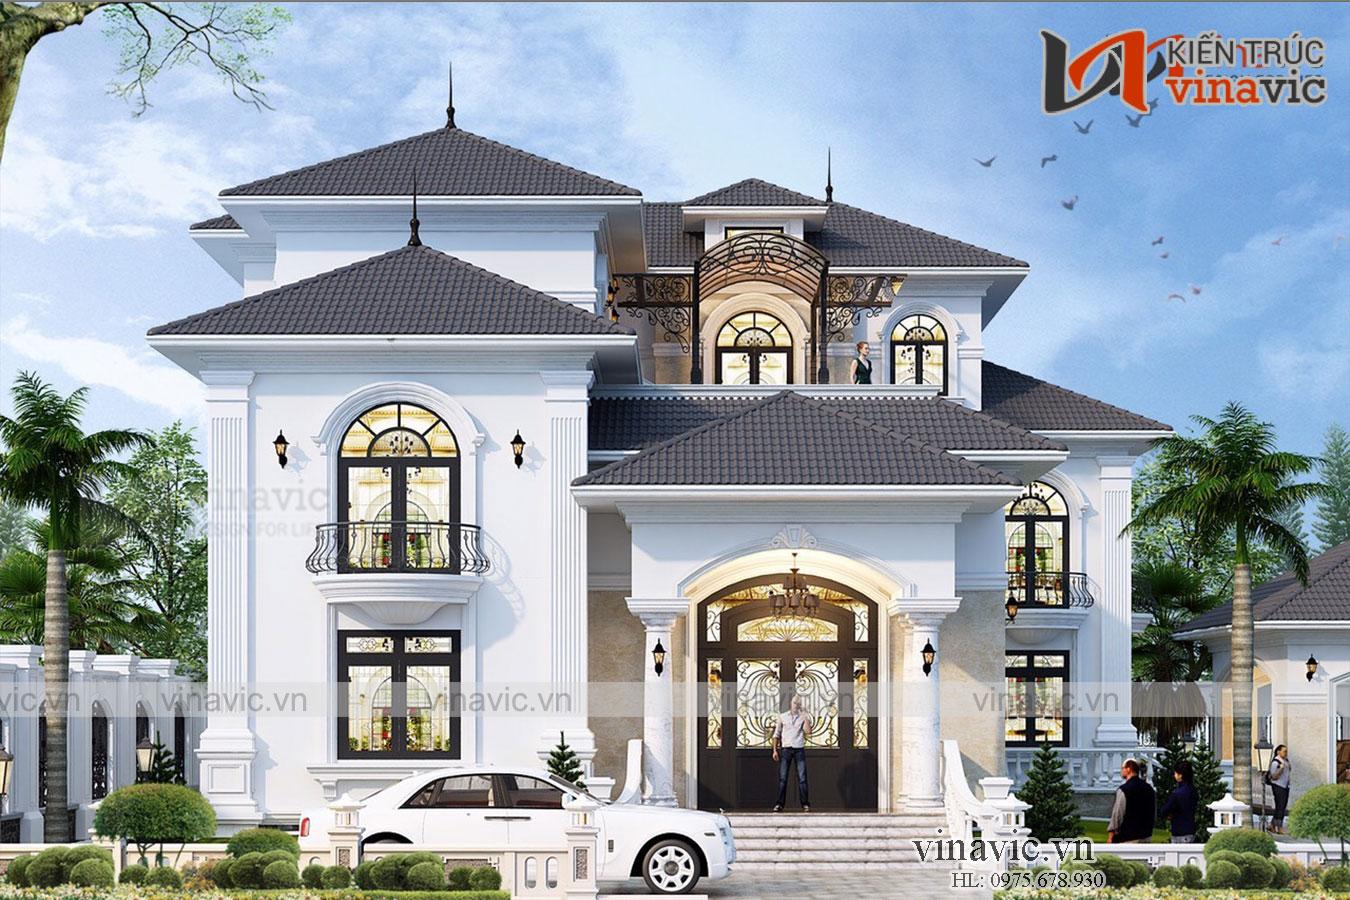 Mẫu nhà đẹp 2 tầng hiện đại sang trọng và đẳng cấp ở Bình Dương BT2016